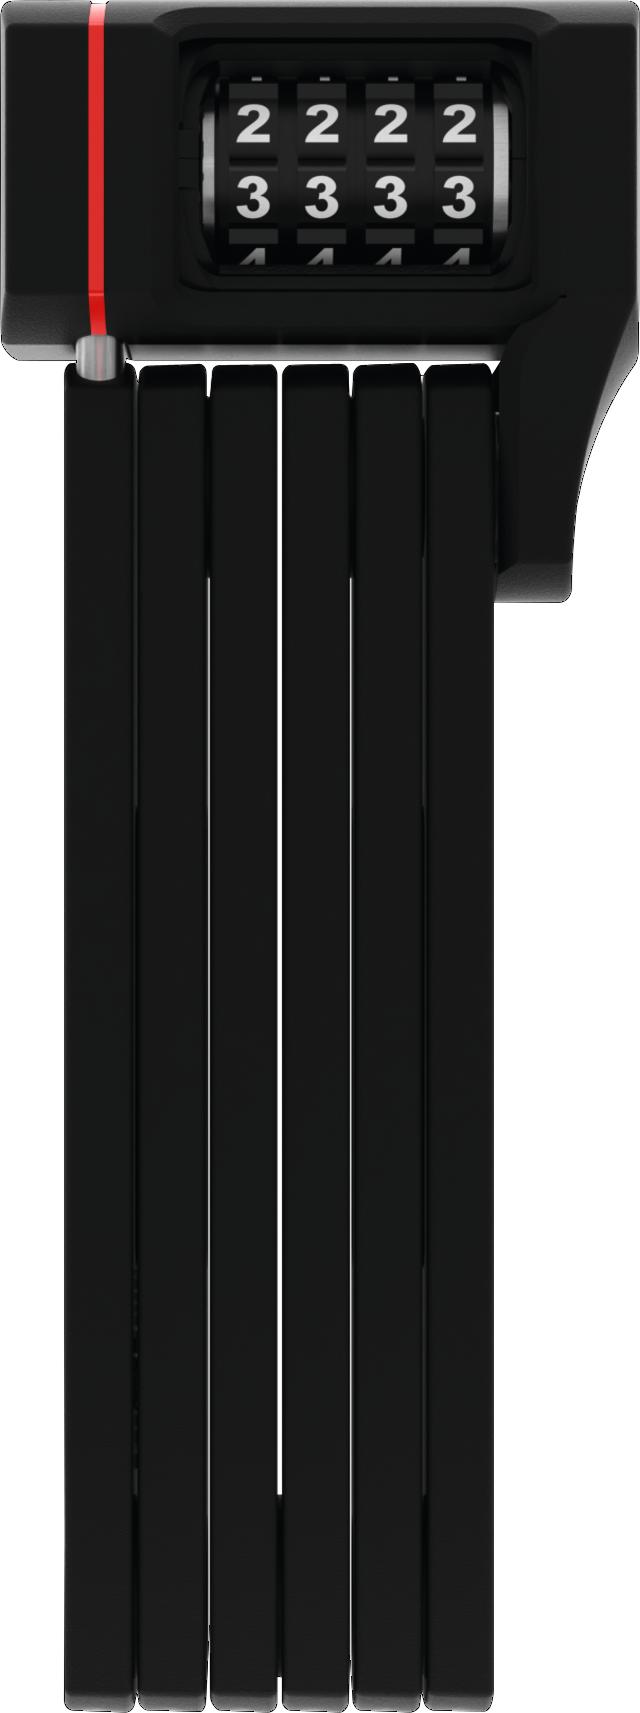 Abus uGrip Bordo 5700/80 Combo Faltschloss